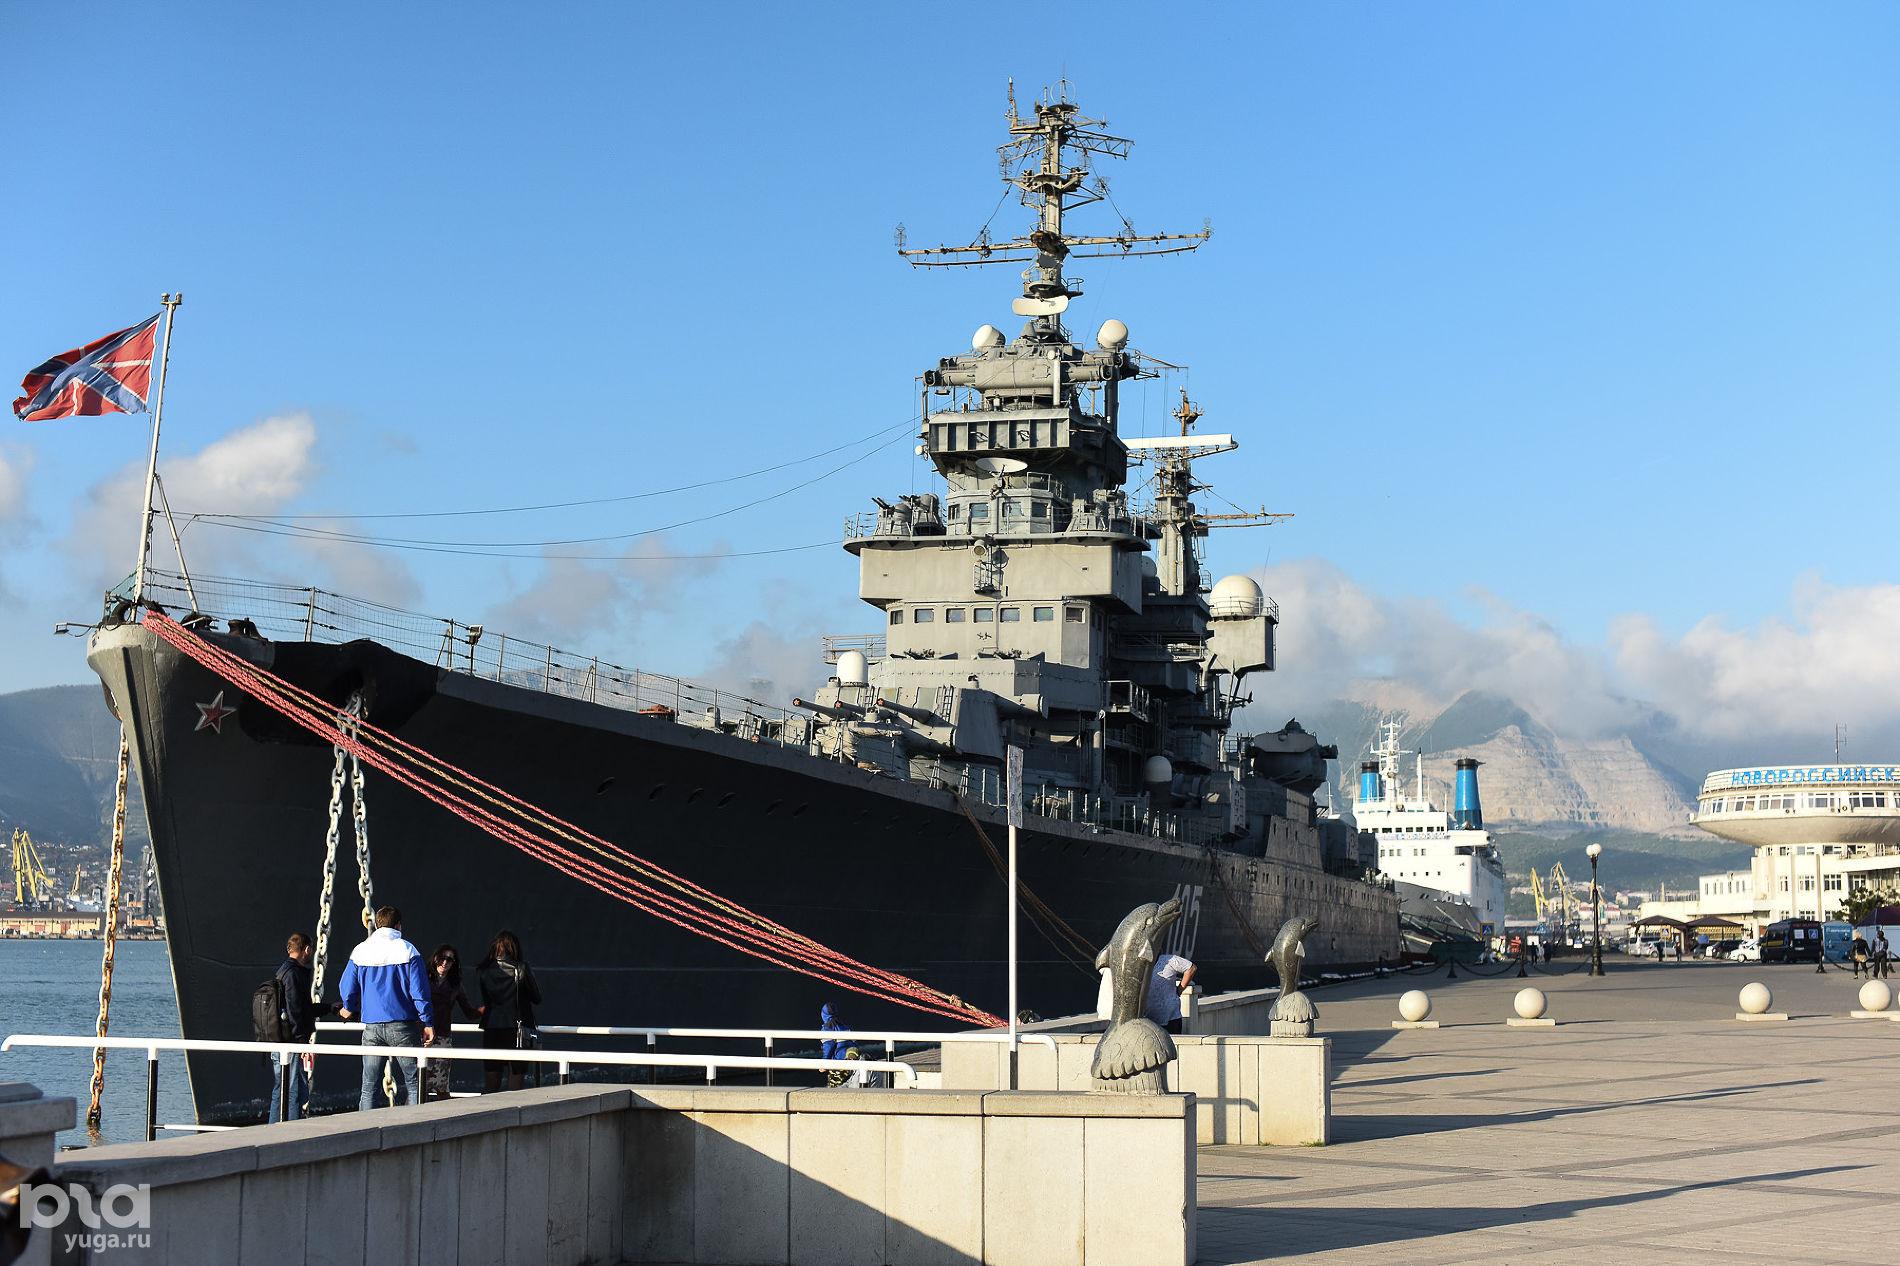 Крейсер «Михаил Кутузов» ©Фото Елены Синеок, Юга.ру